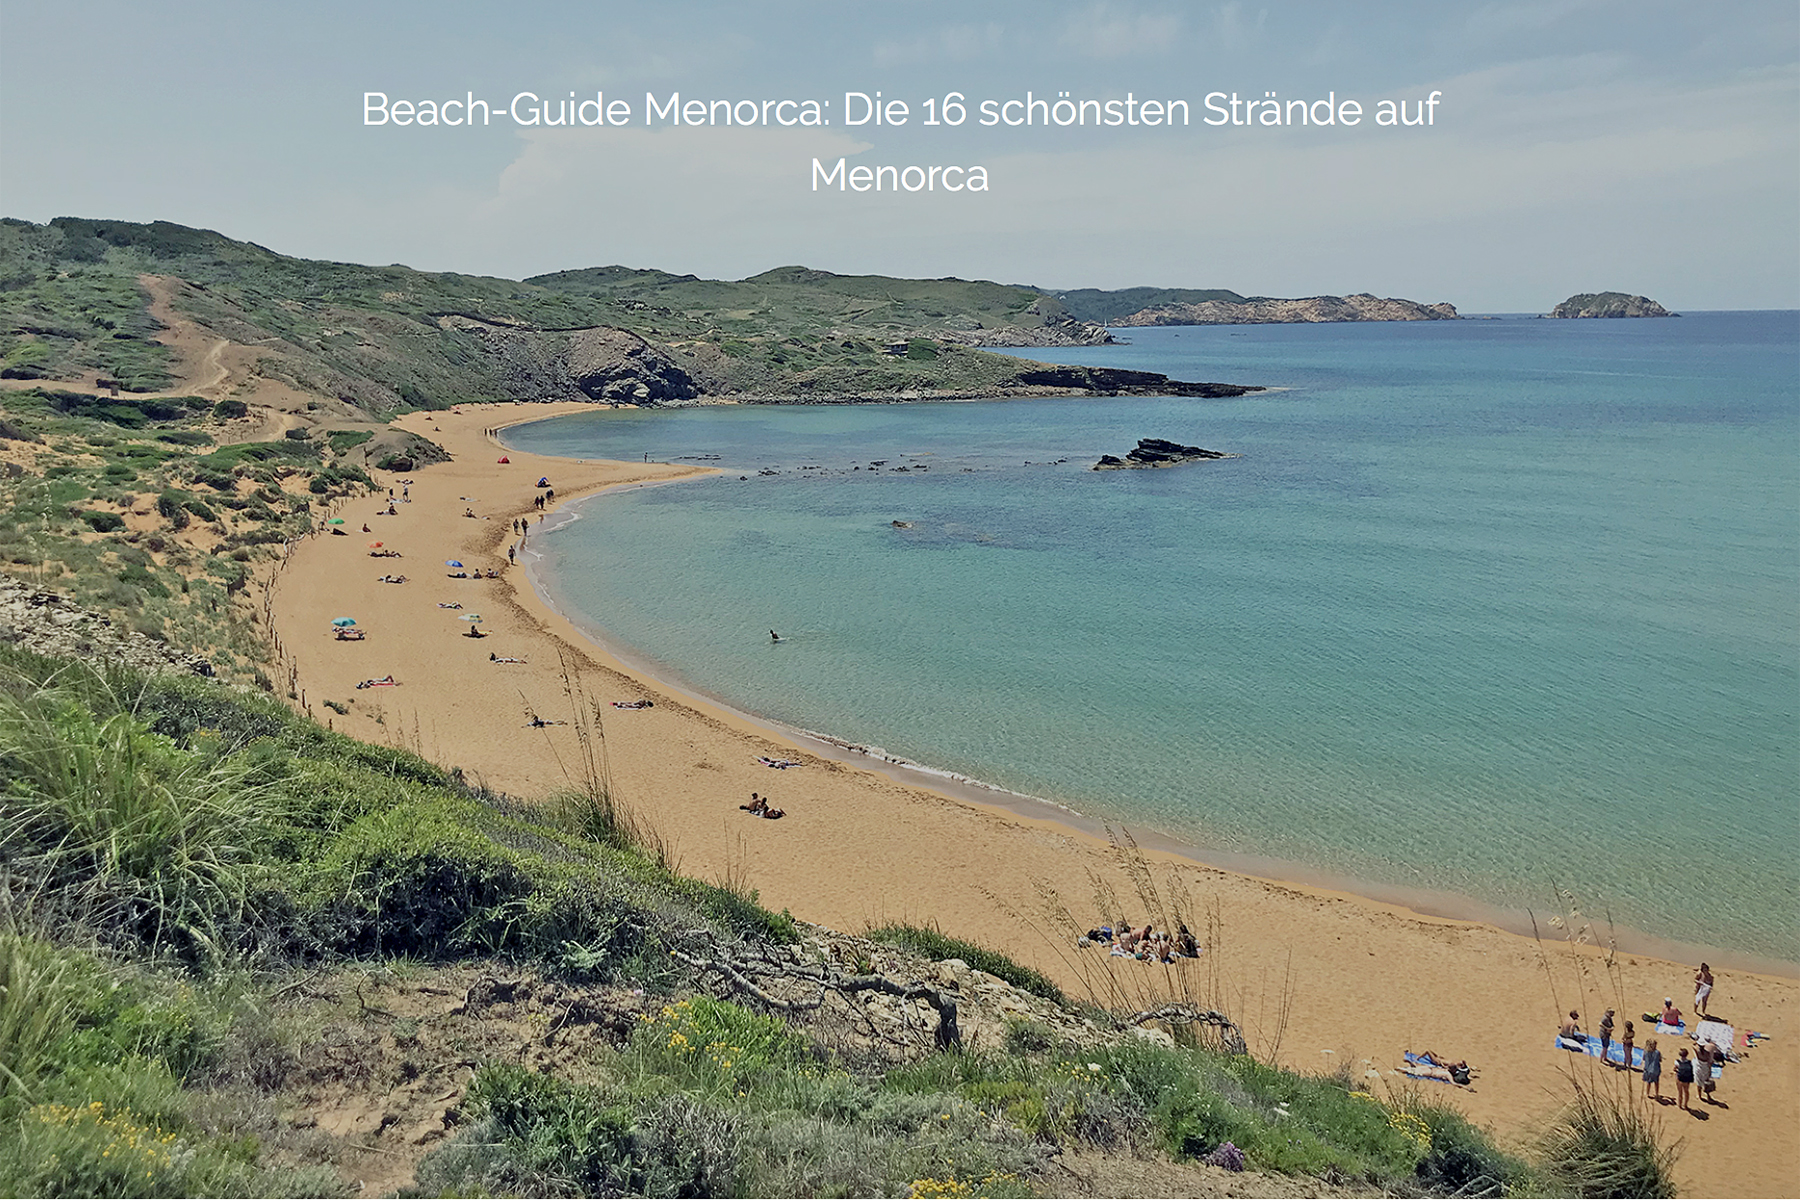 Reise-Special Menorca: Urlaubs-Guide für die nächste Reise nach Menorca